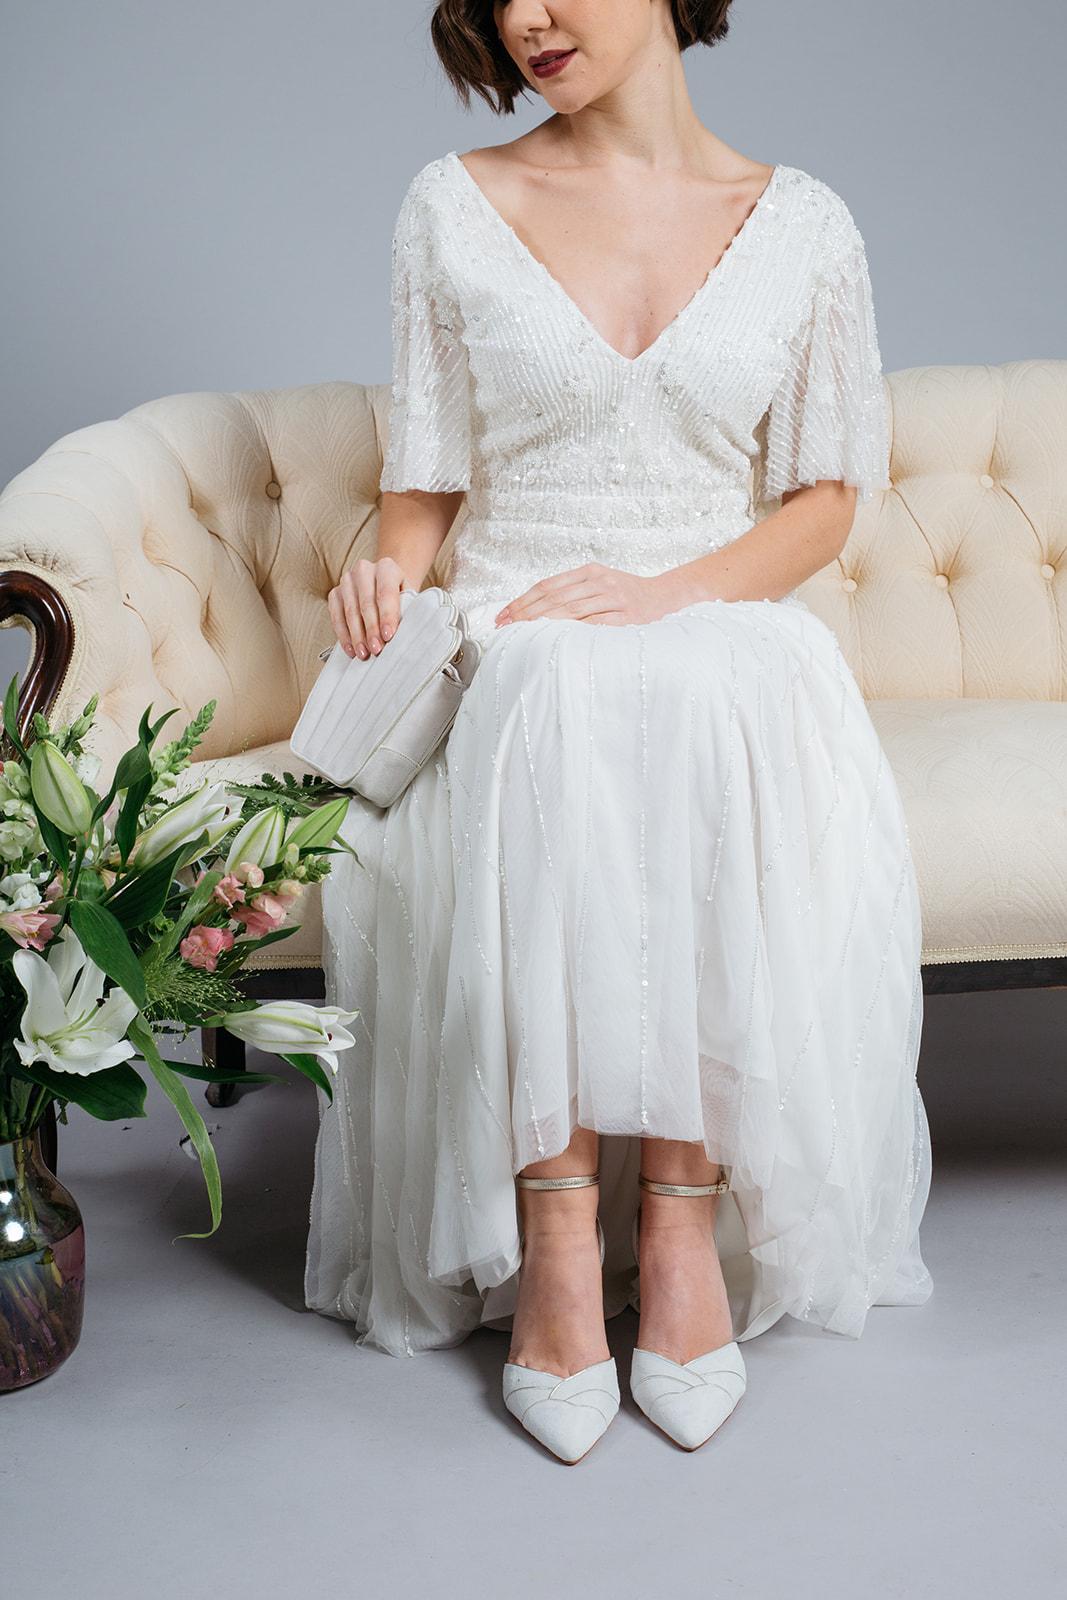 noni Brautschuhe von Rachel Simpson, Clementine, spitze Pumps in Ivory und Gold, getragen von Model mit Brautkleid, Kollektion 2020